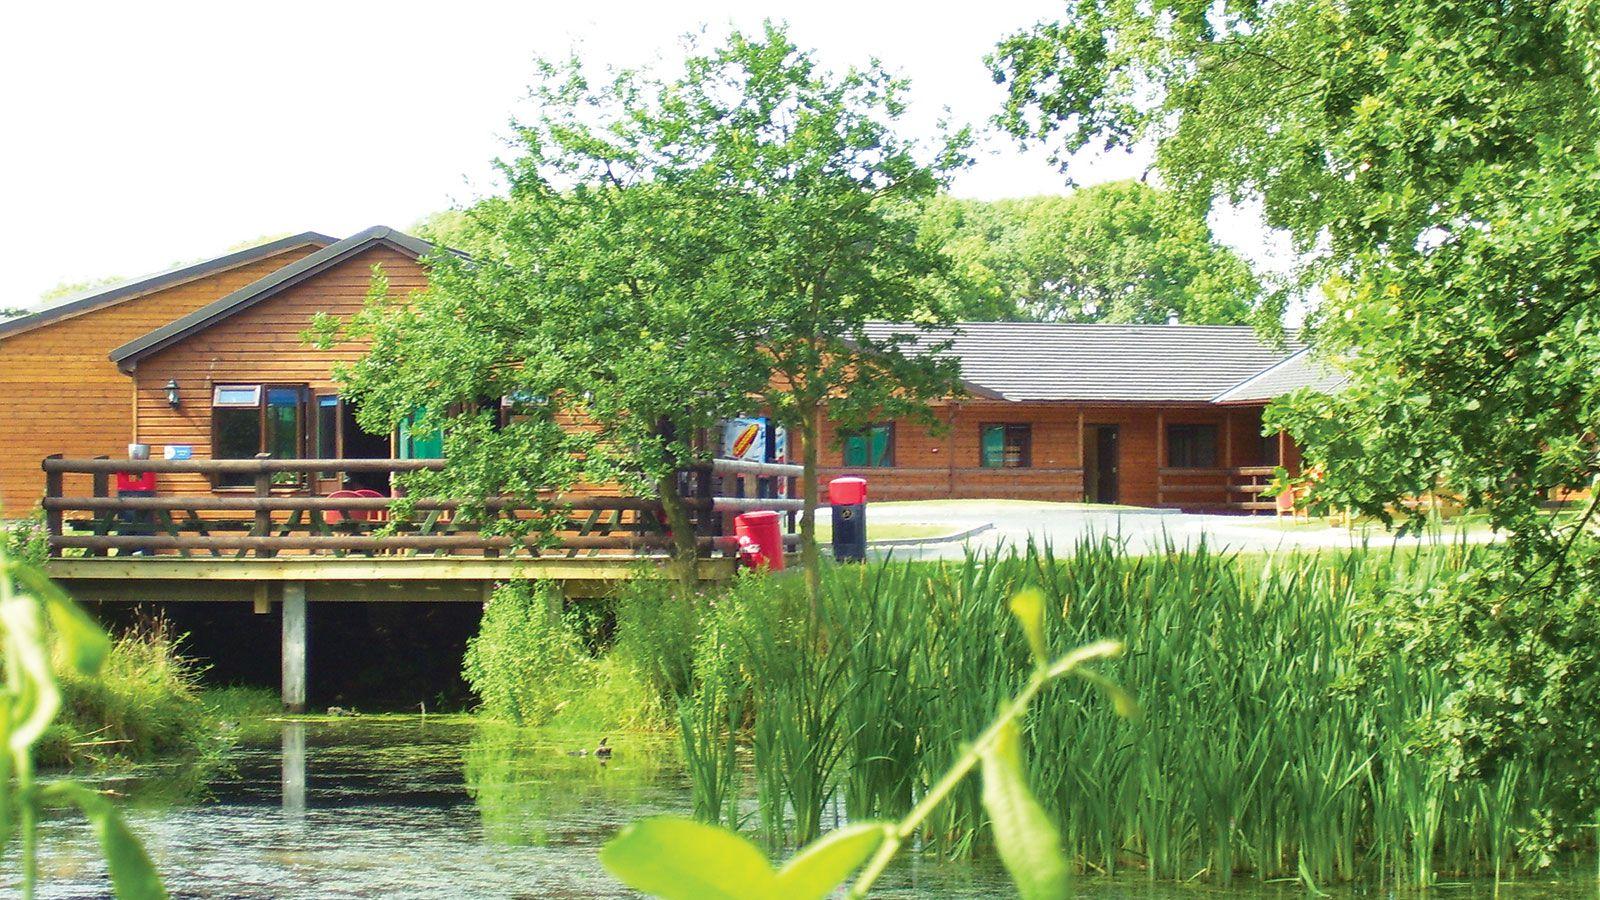 Boreatton Park Adventure Centre, Shropshire - Primary ...